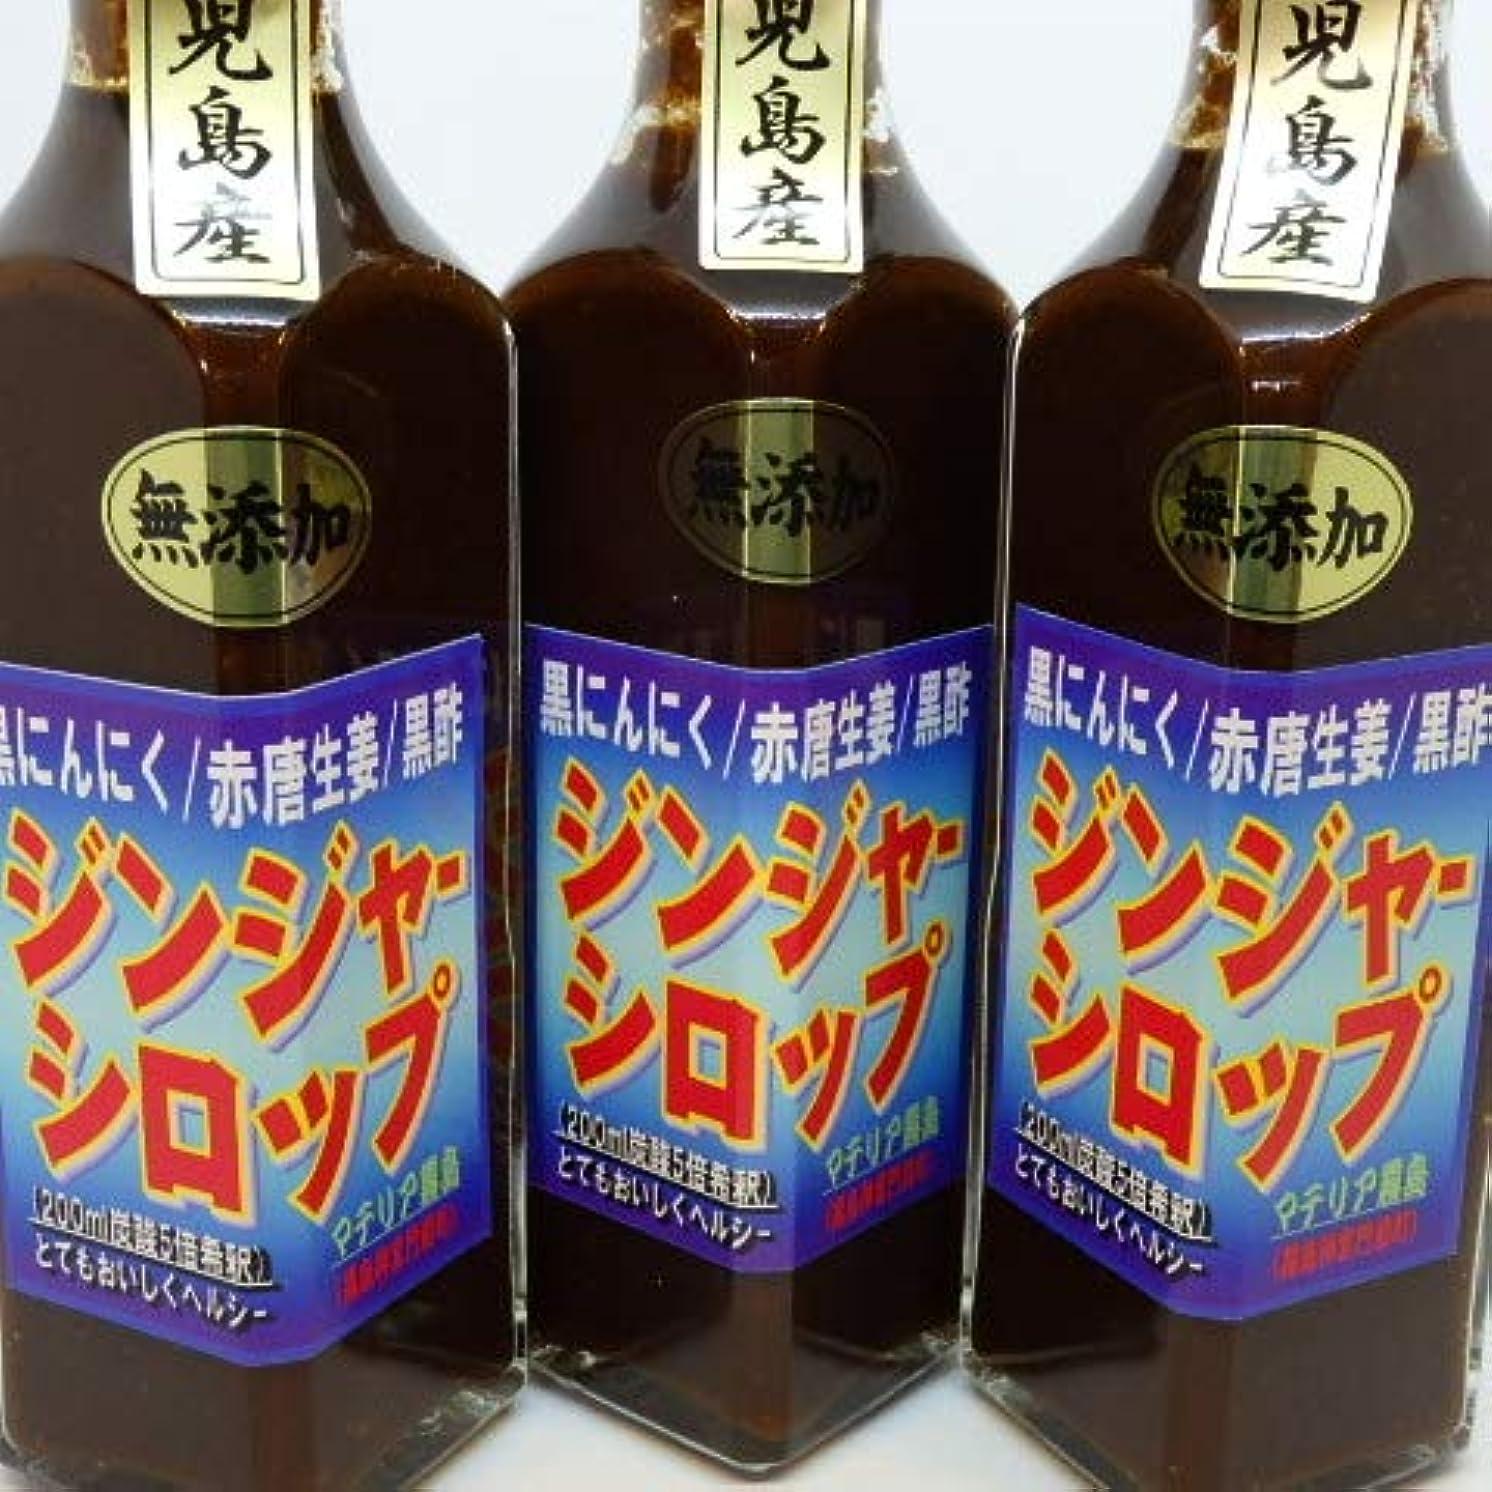 絶えず冬一時停止無添加健康食品/黒酢黒ジンジャ-/無添加/200ml×3組90日分¥10,800